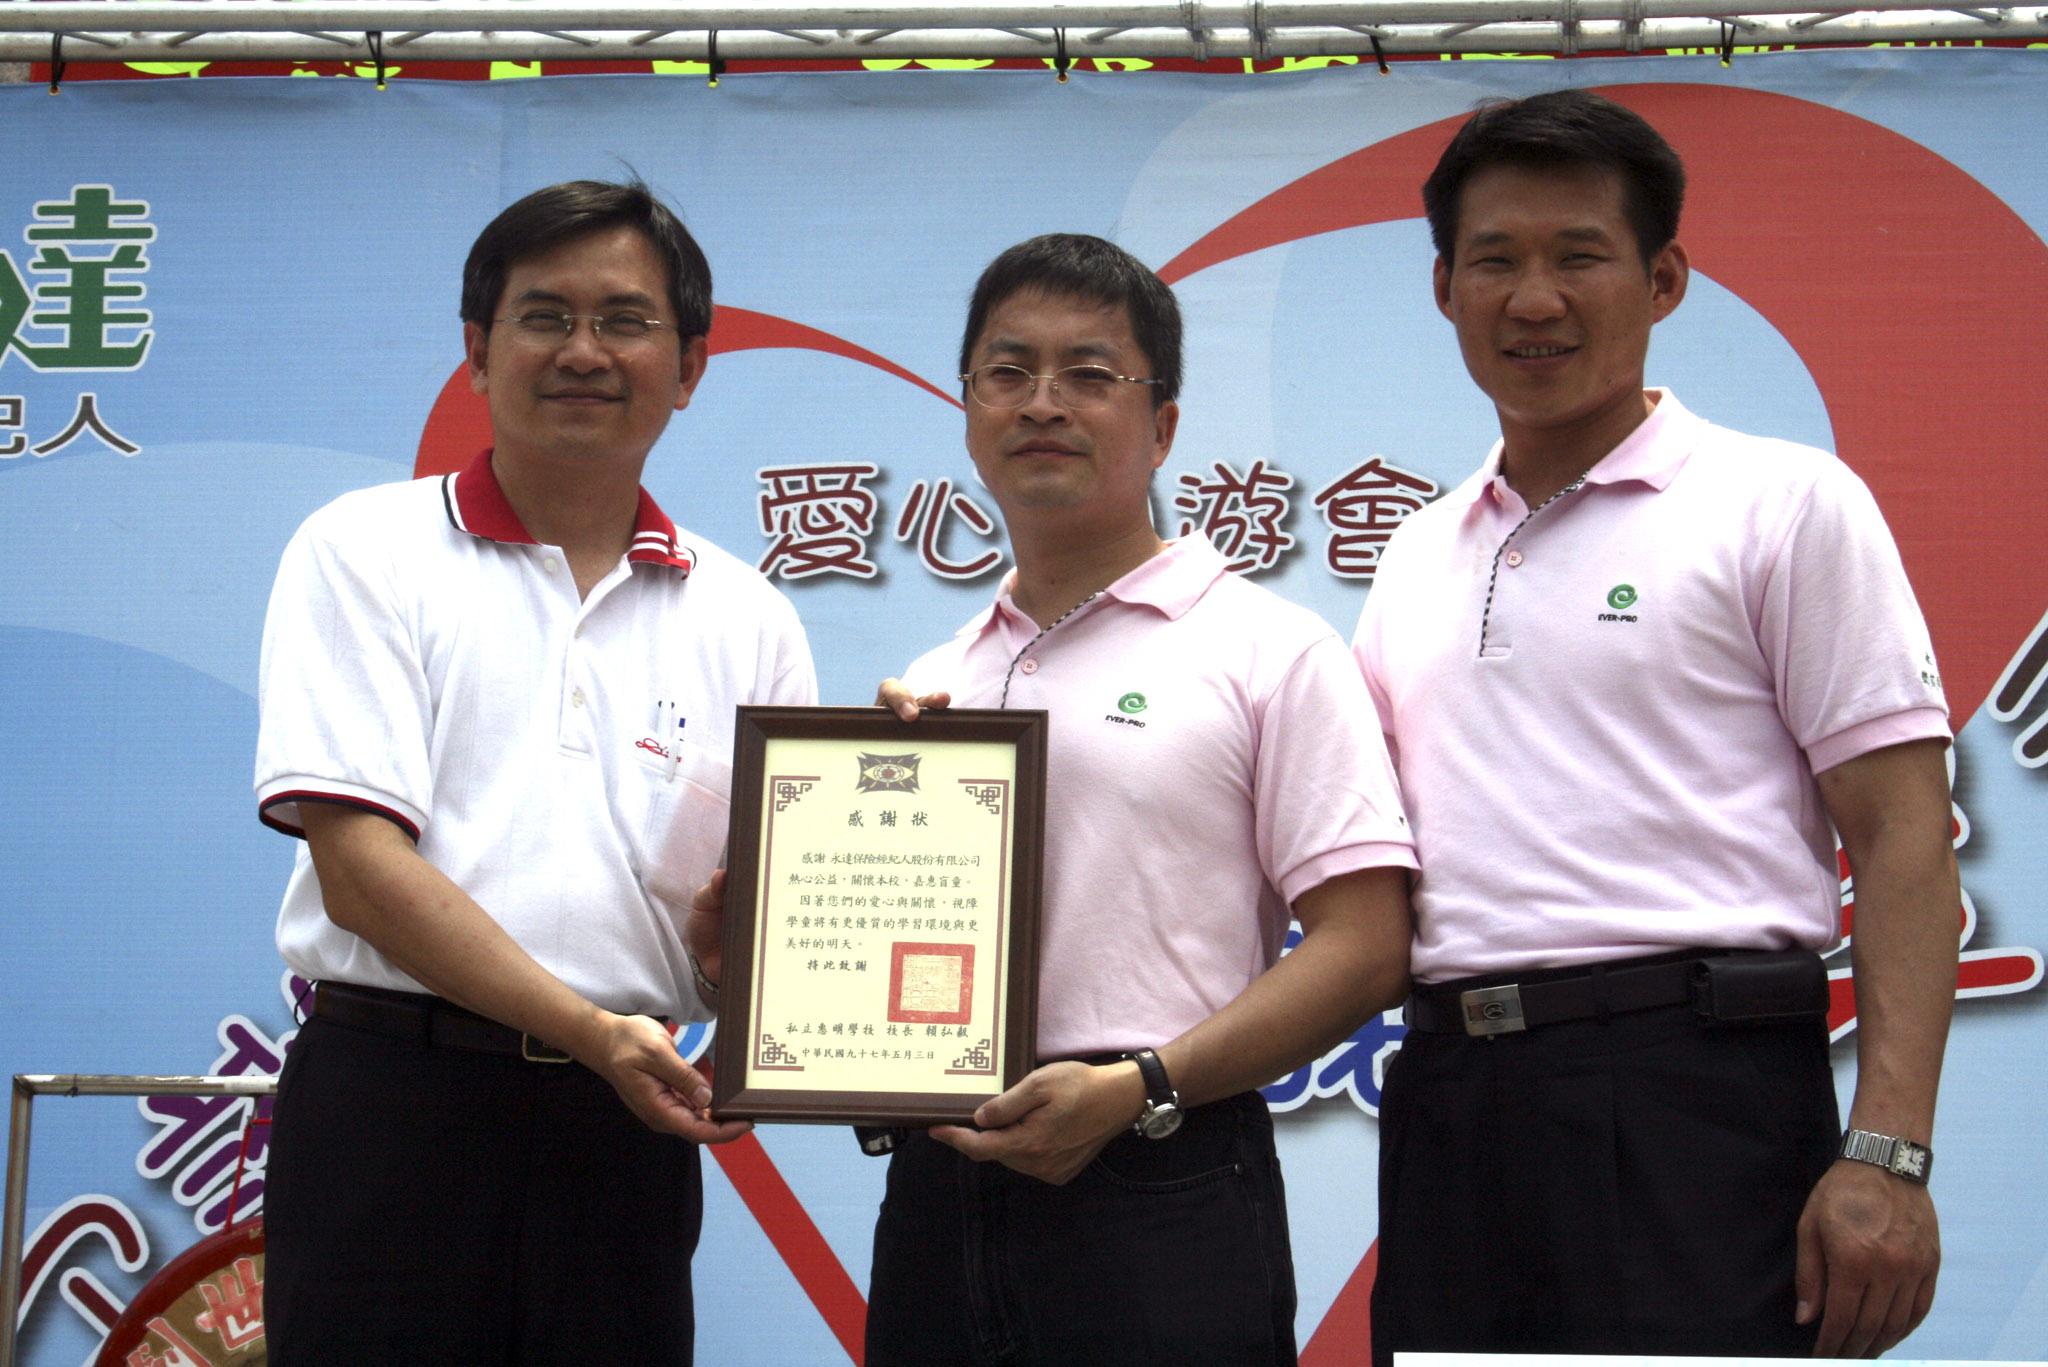 惠明學校賴弘毅校長(左)致贈感謝狀予永達余松坤協理(右)、胡明徹協理(中)。